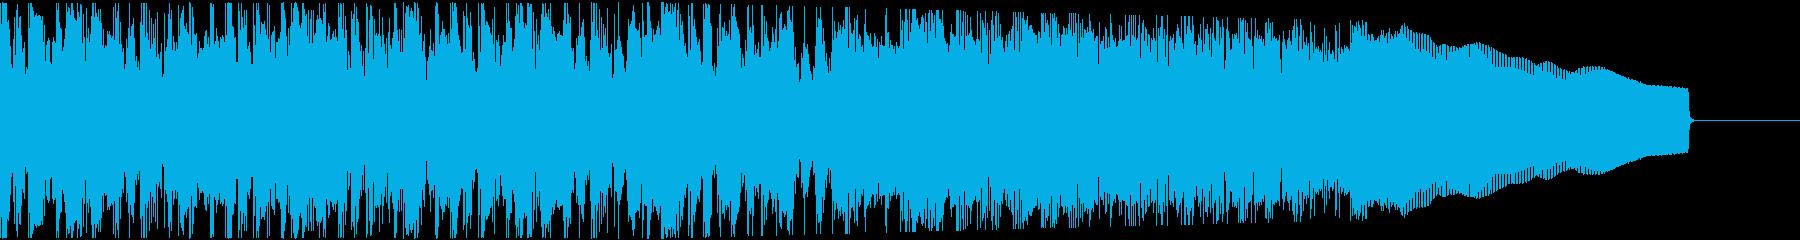 カントリー風ギターイントロ−05Bの再生済みの波形